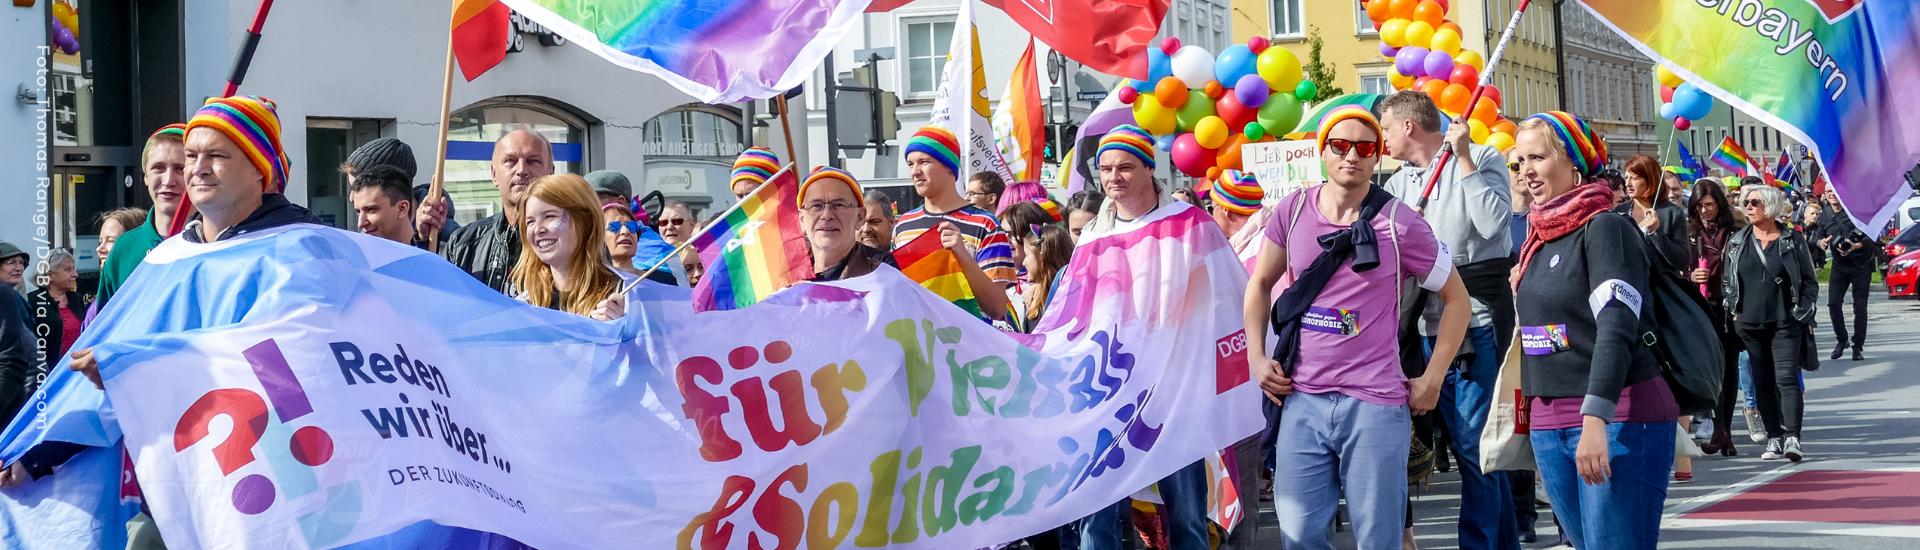 Menschen demonstrieren für die Rechte Queerer Personen